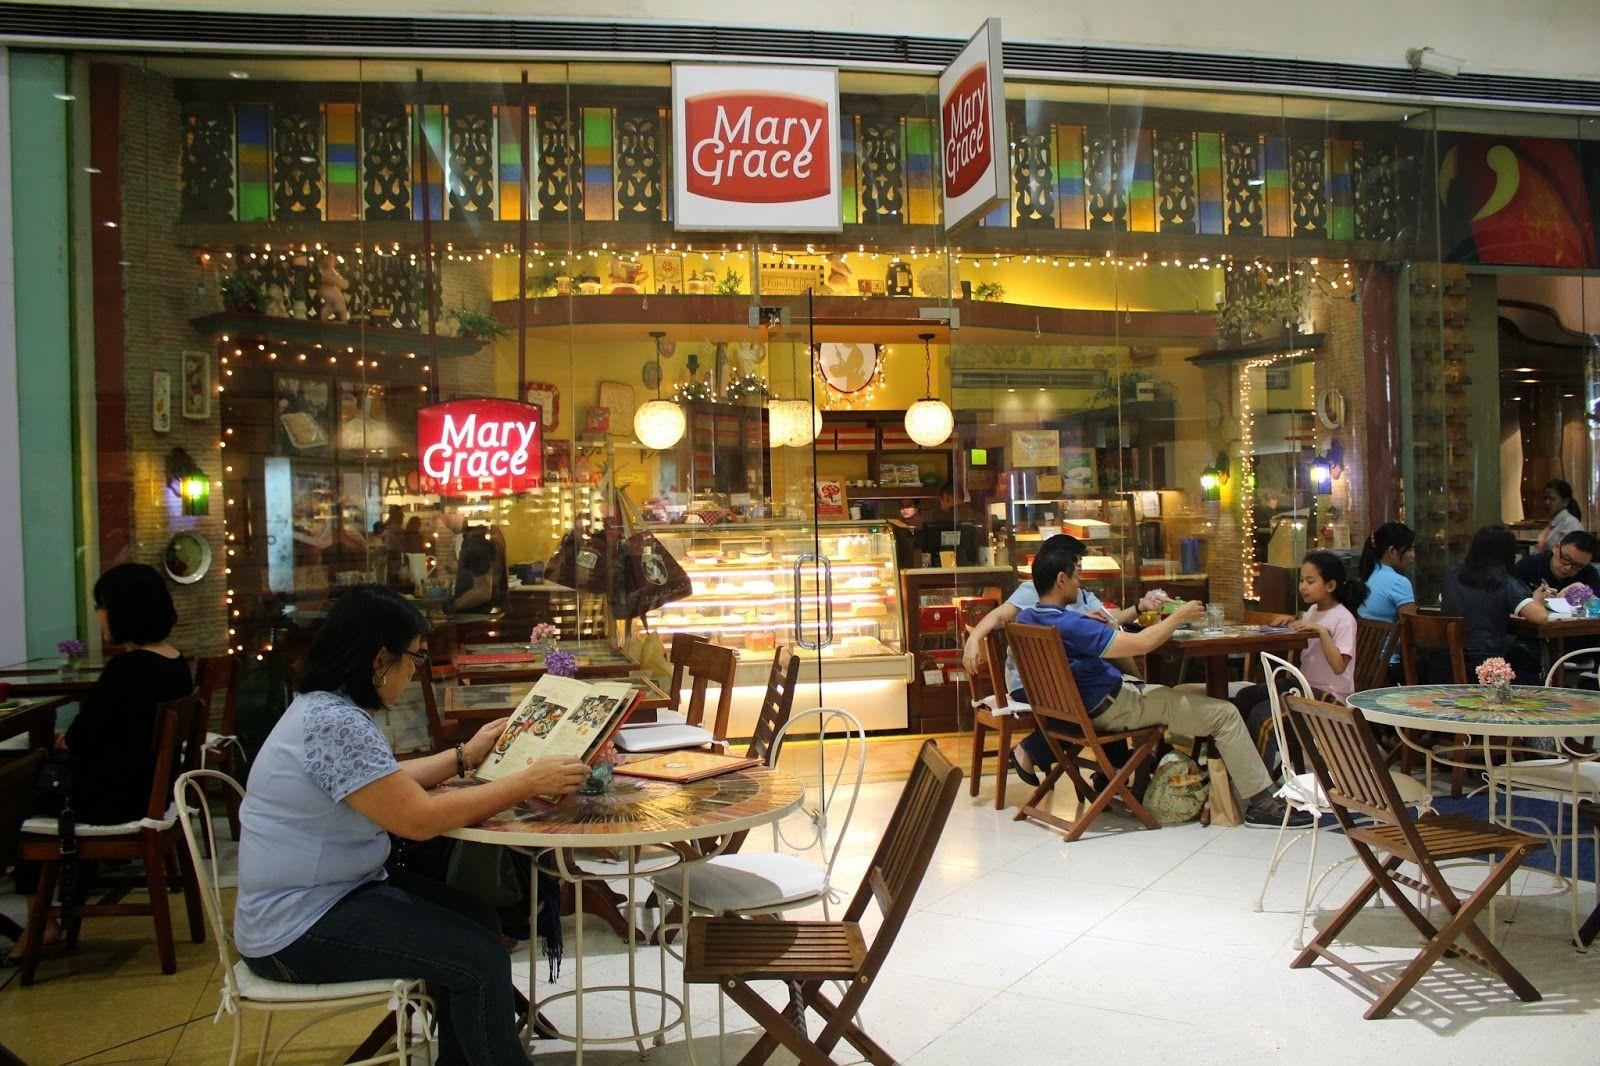 Cafe Mary Grace : A Grace like no other